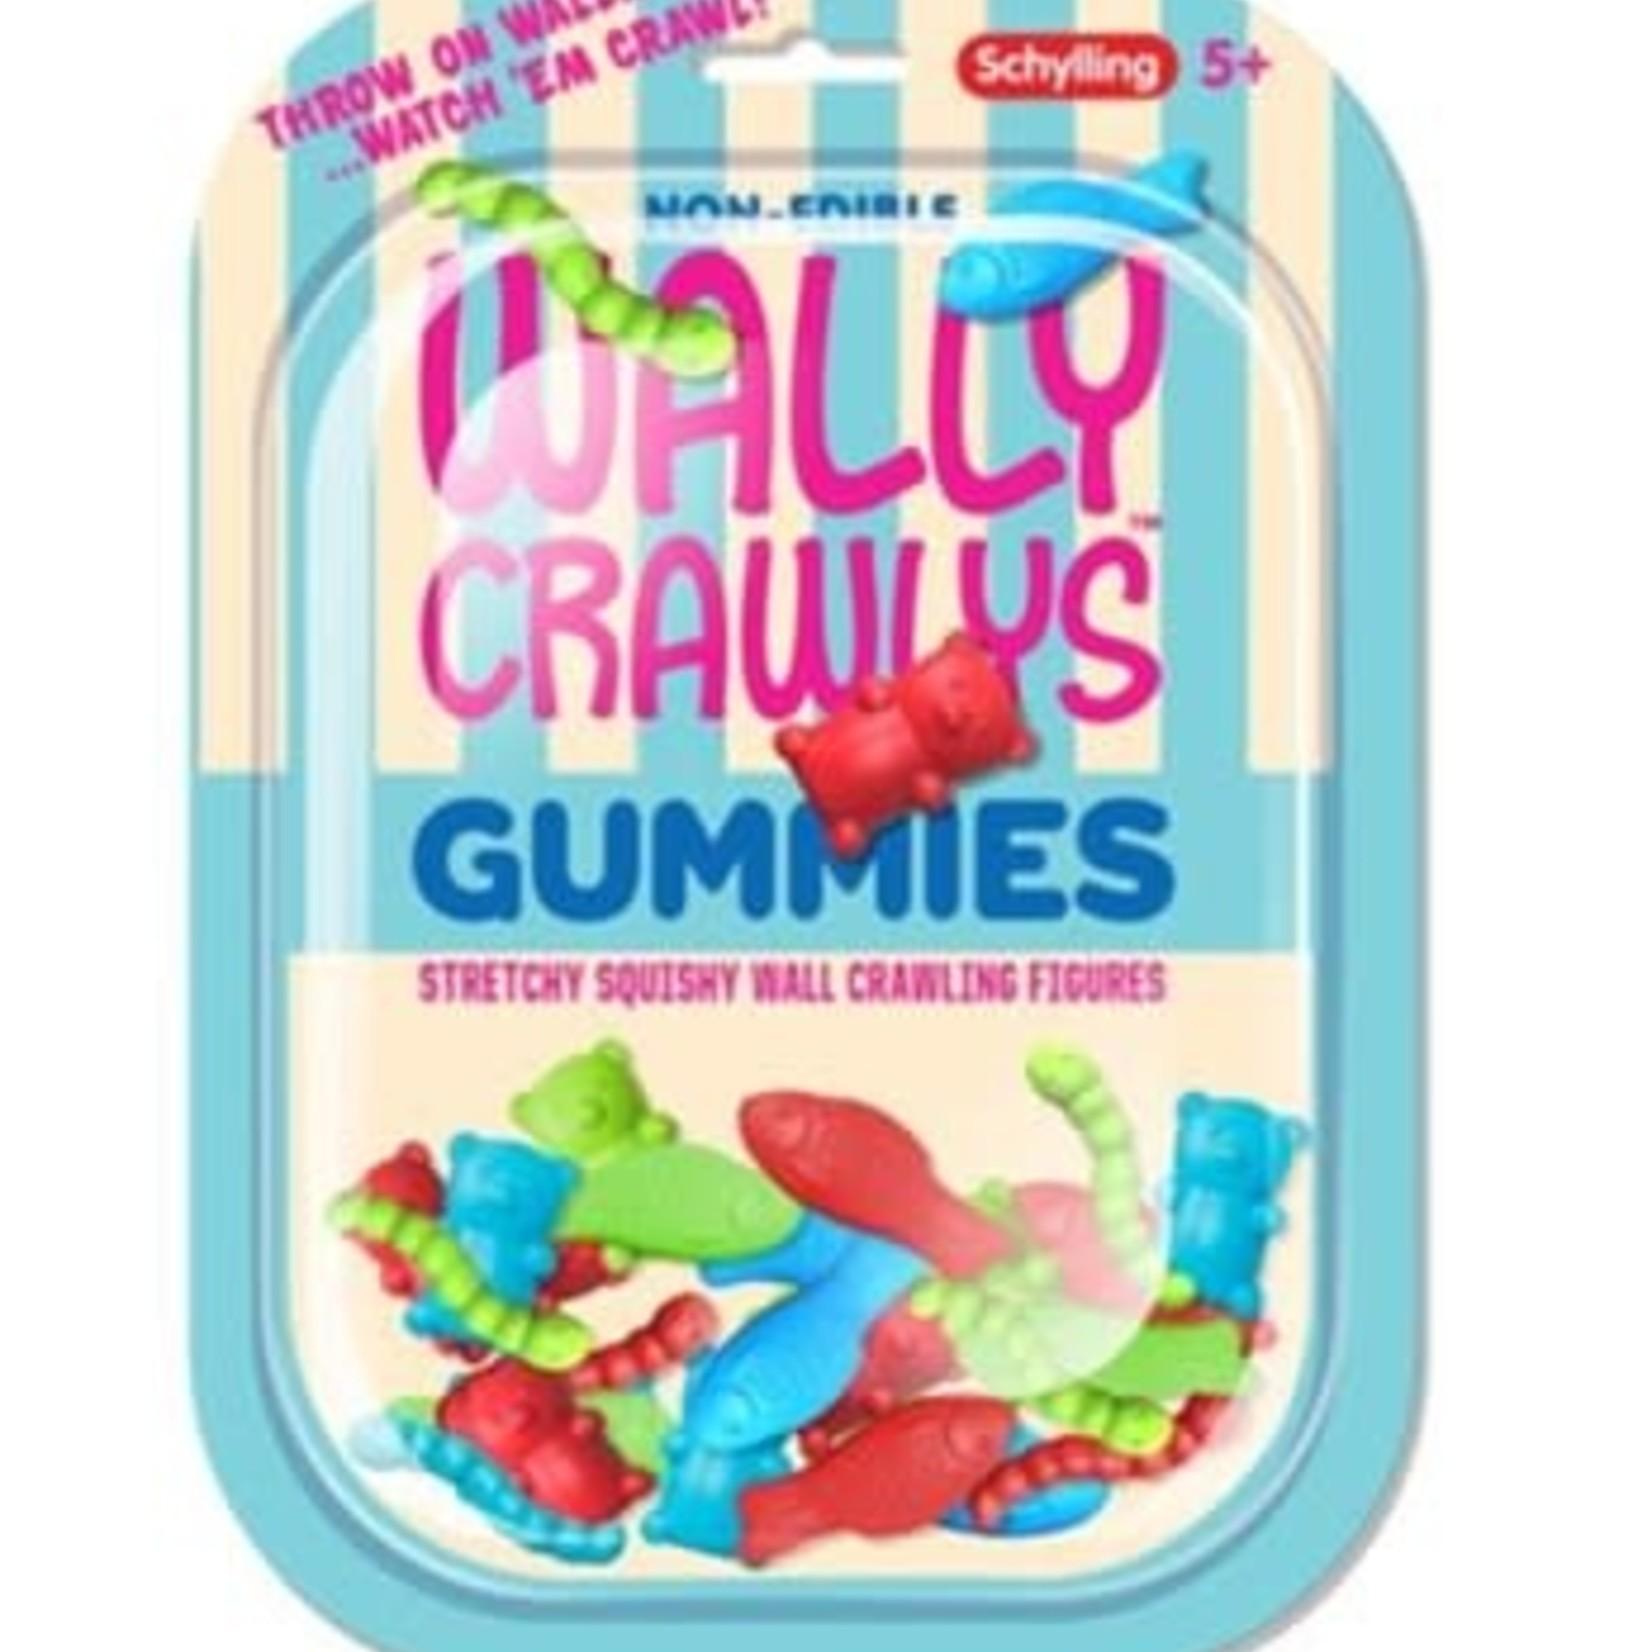 Schylling Gummies Wally Crawlys